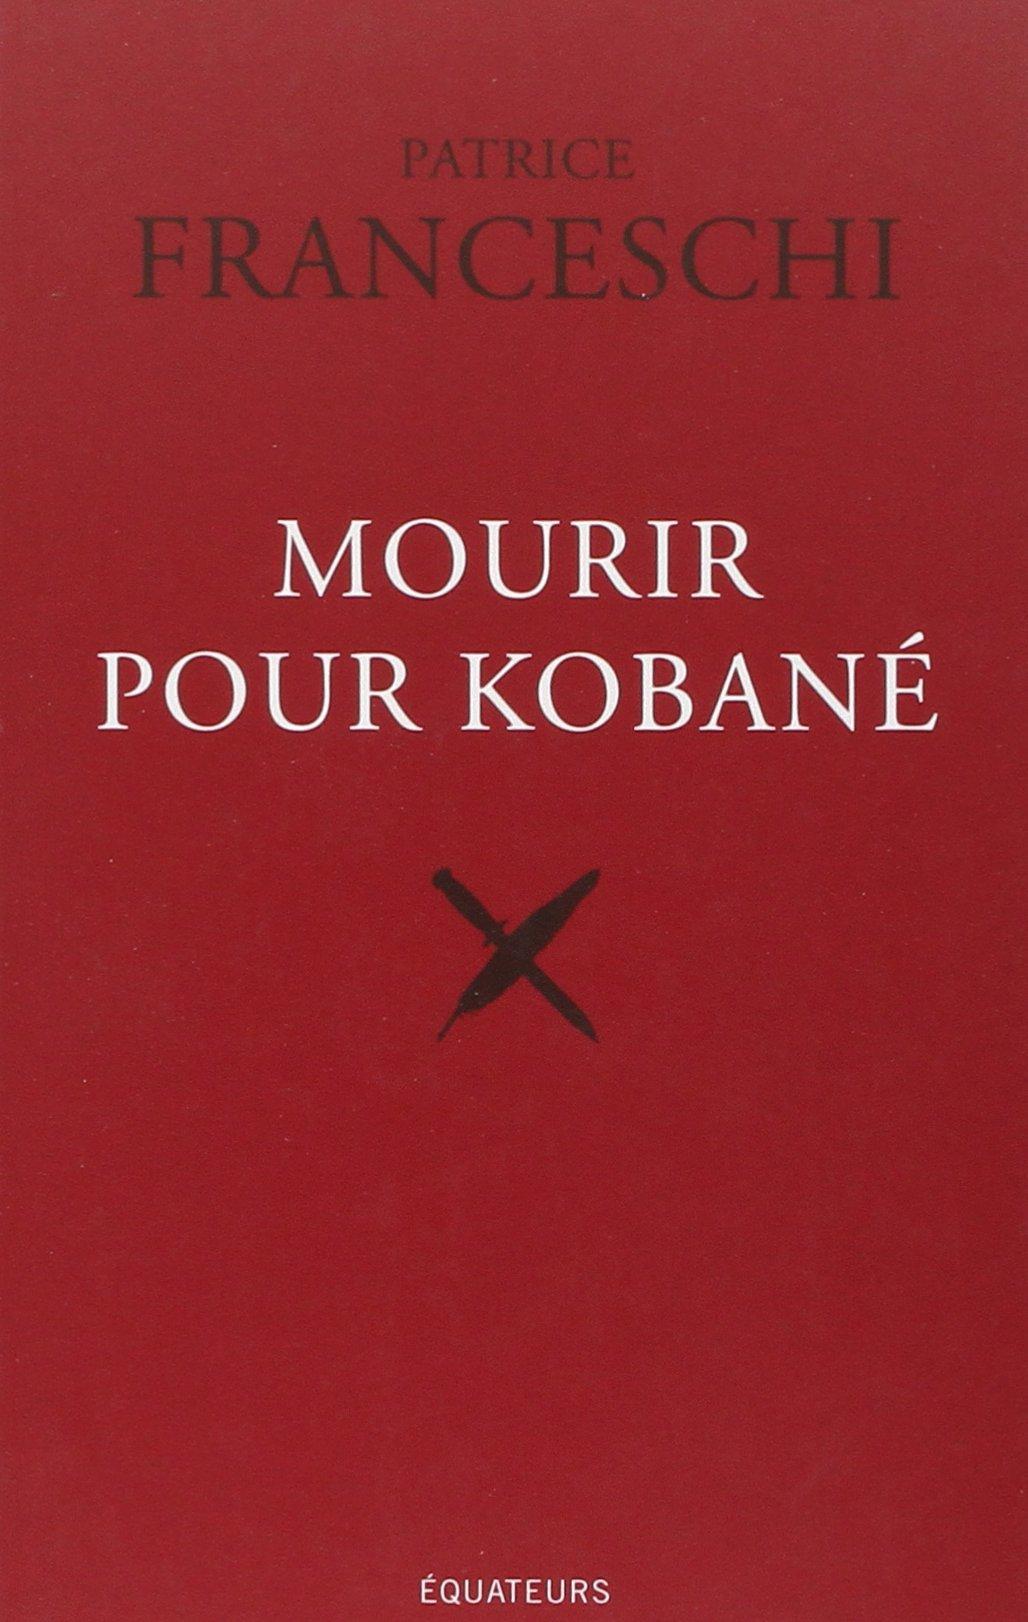 littérature,écrivain,aventure,mer,patrice franceschi,goncourt,nouvelle,kobane,kurdes,syrie